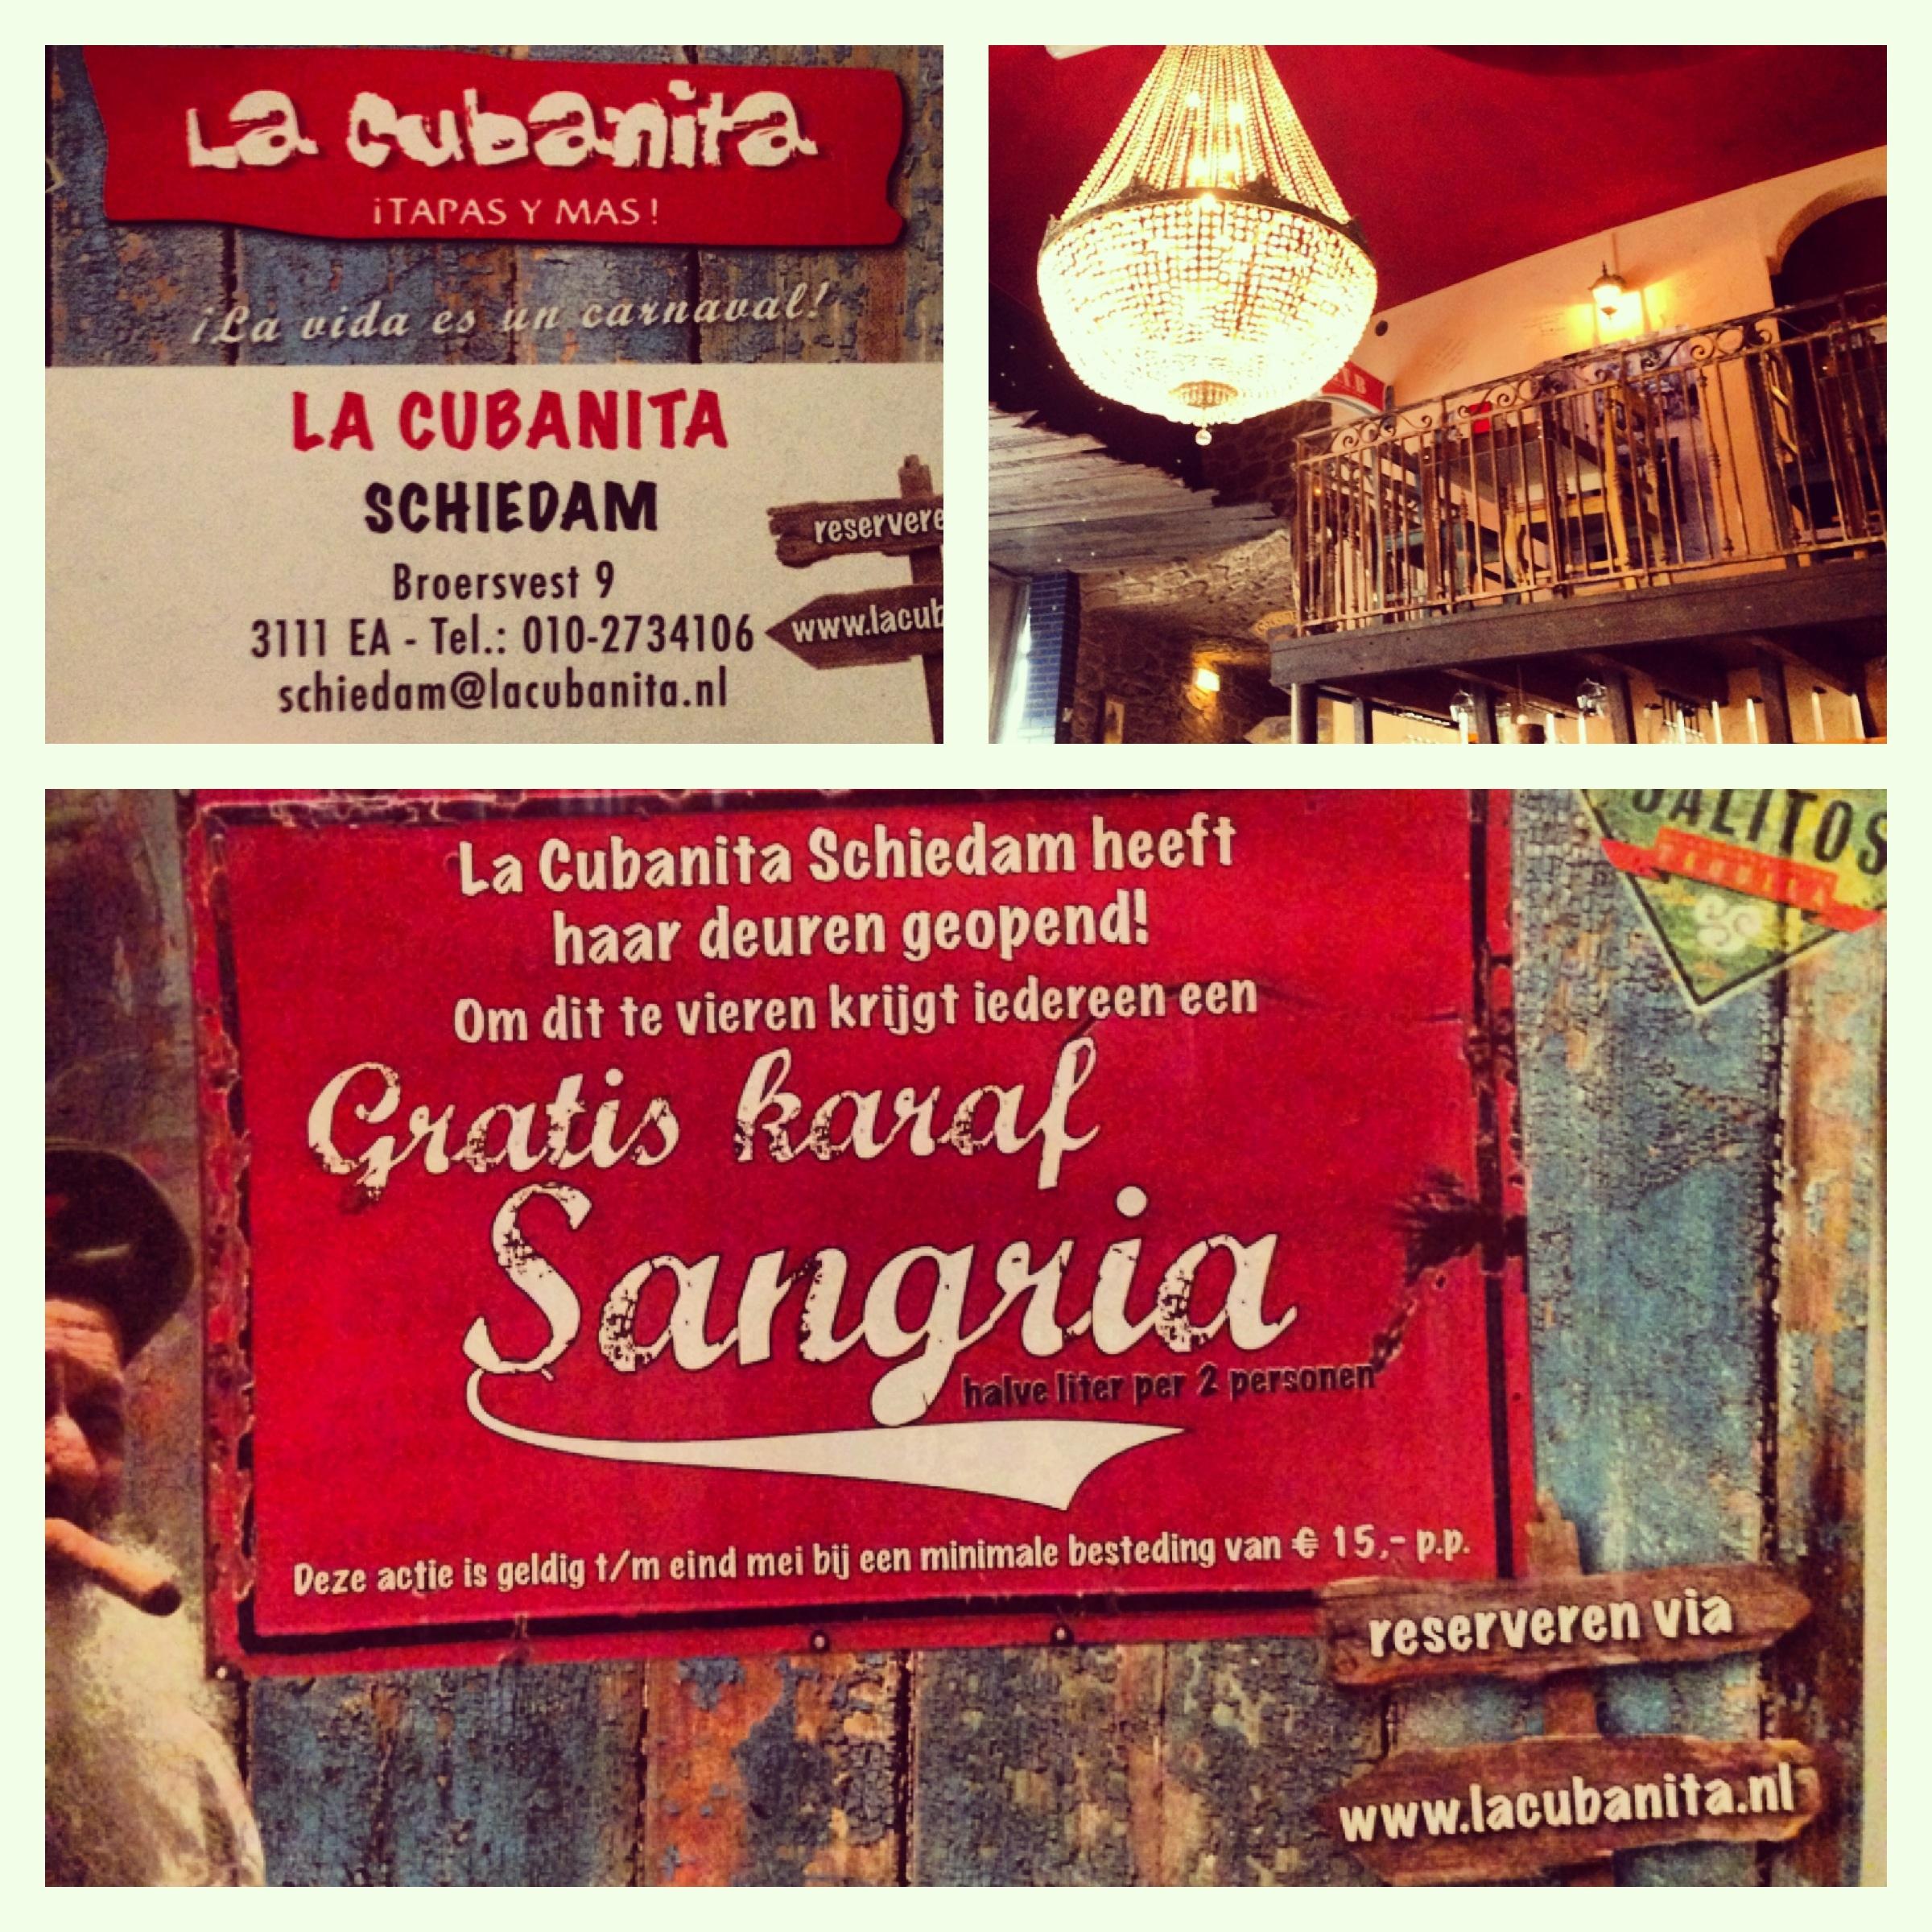 La Cubanita Verjaardag.La Cubanita Verjaardag Gratis Verjaardag